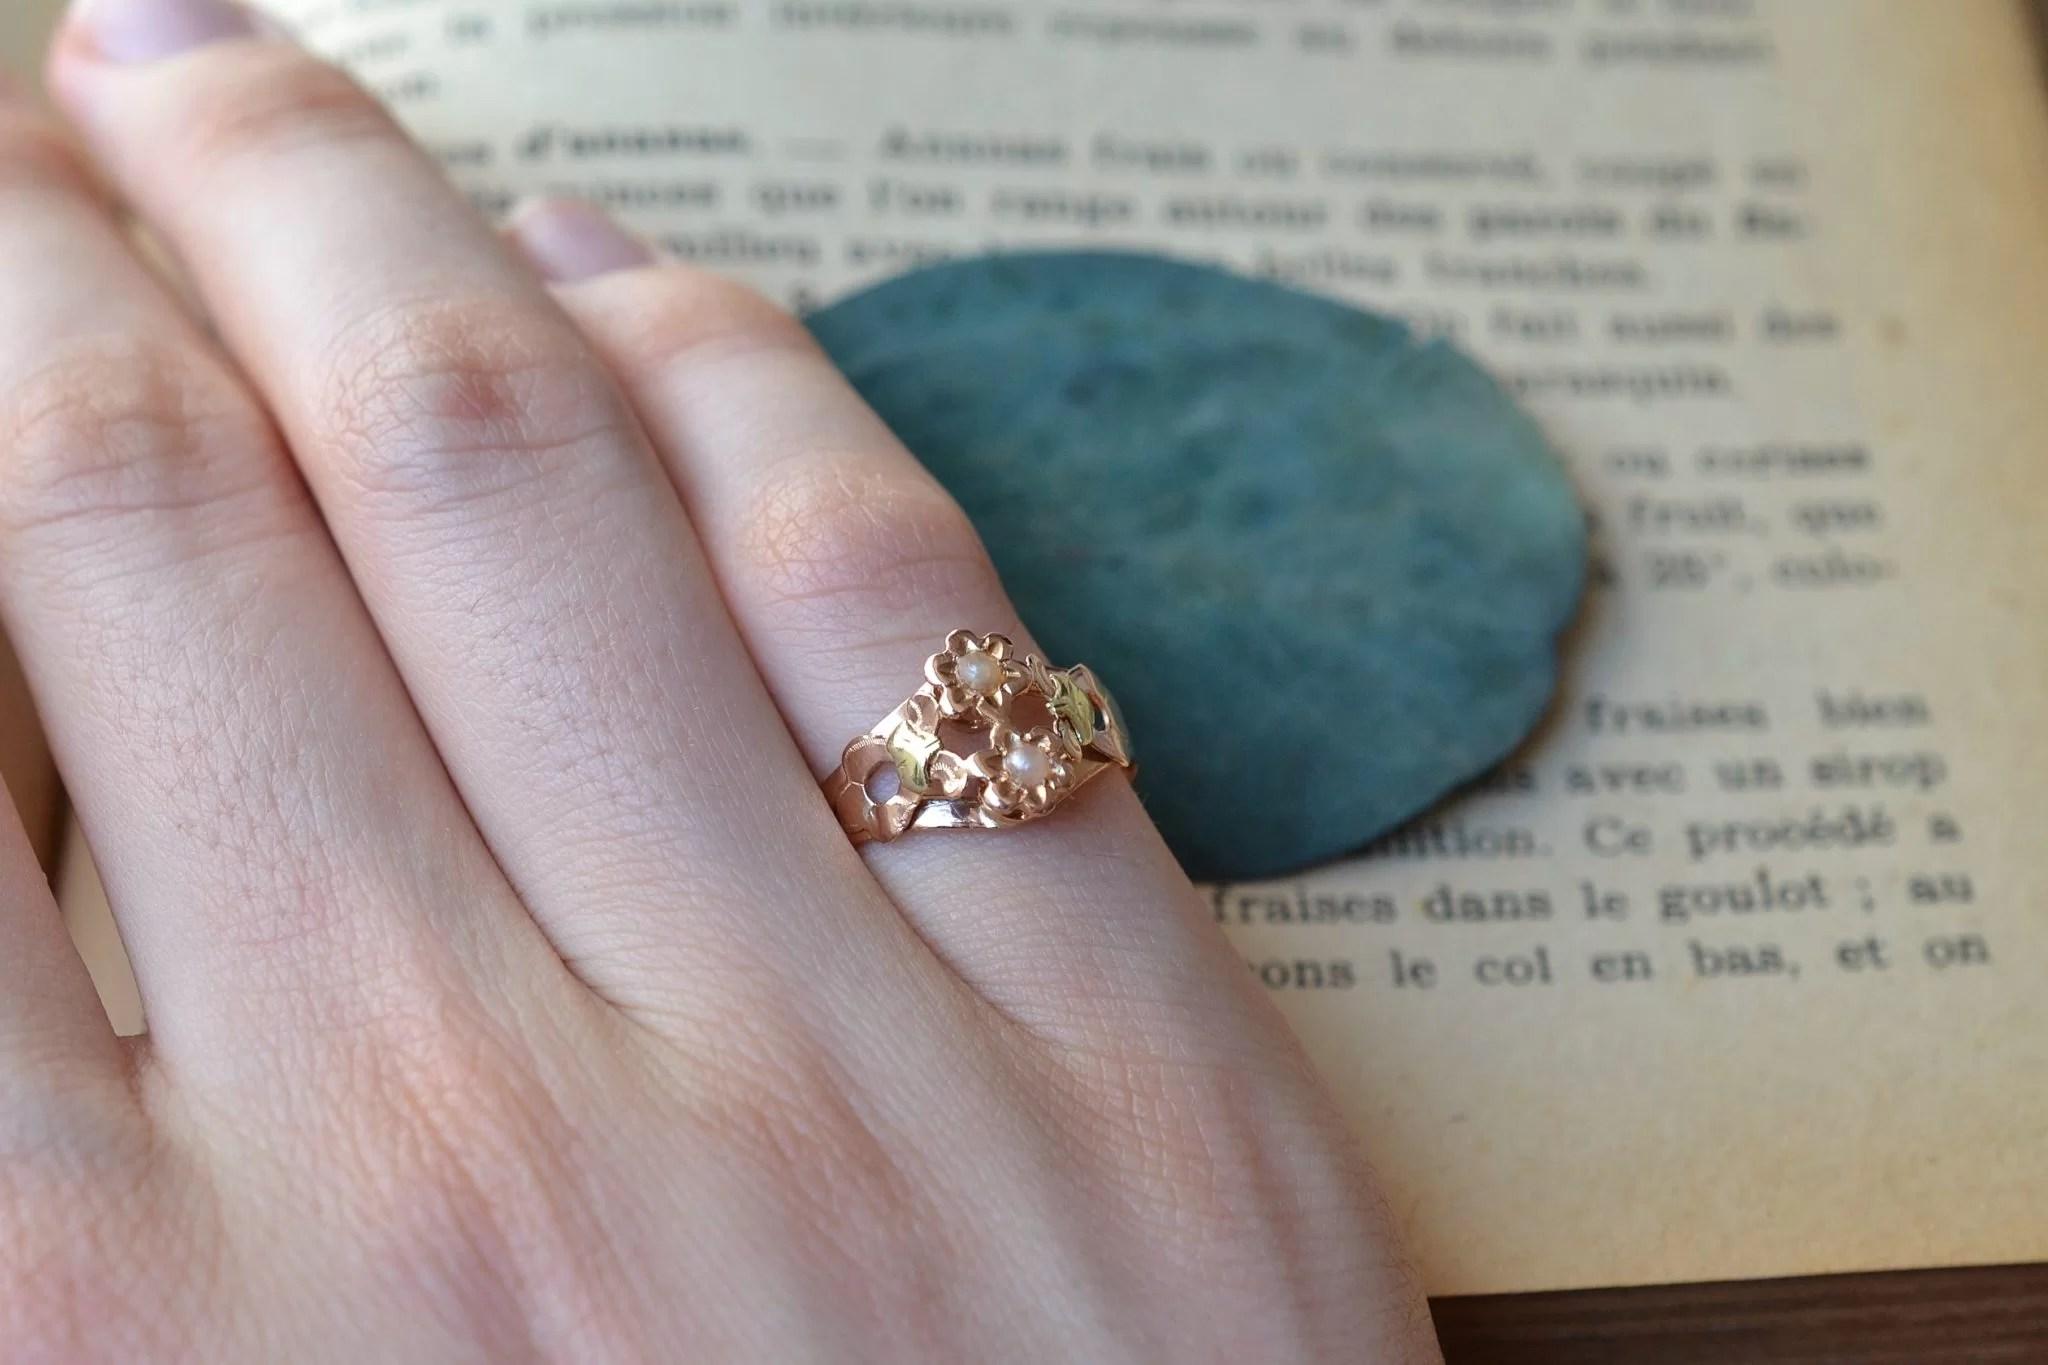 bague-art-nouveau-deux-ors-18-carats-bijou-ecoresponsable